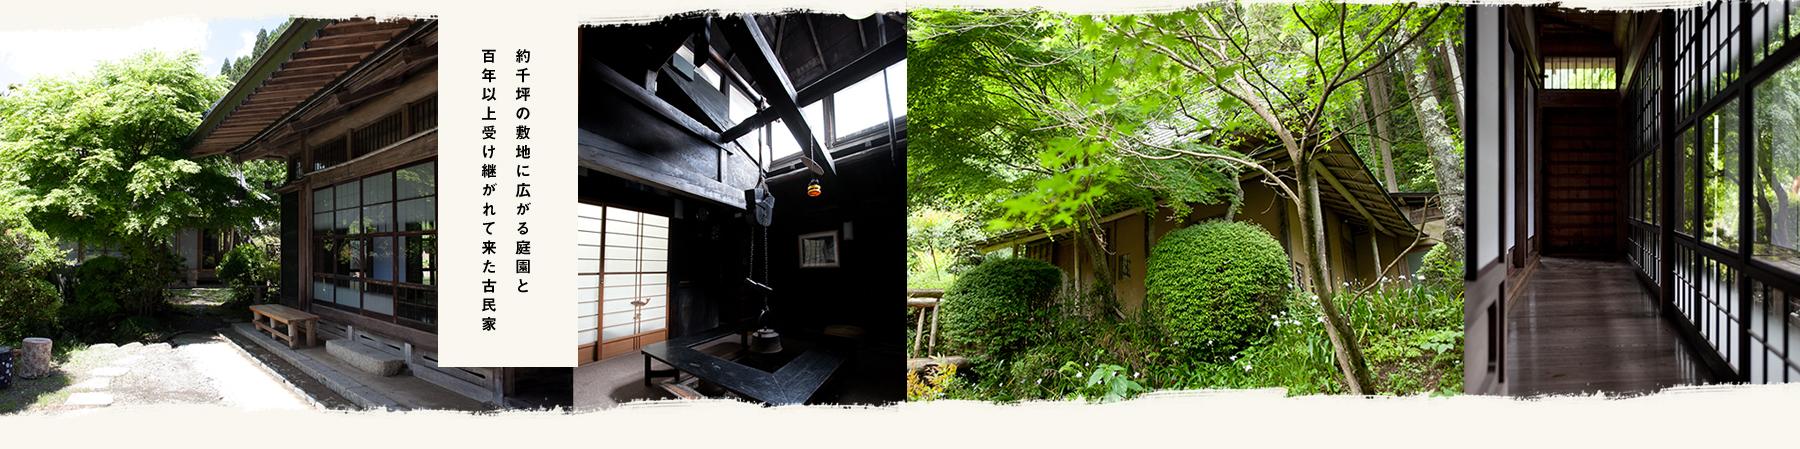 約千坪の敷地に広がる庭園と百年以上受け継がれてきた古民家